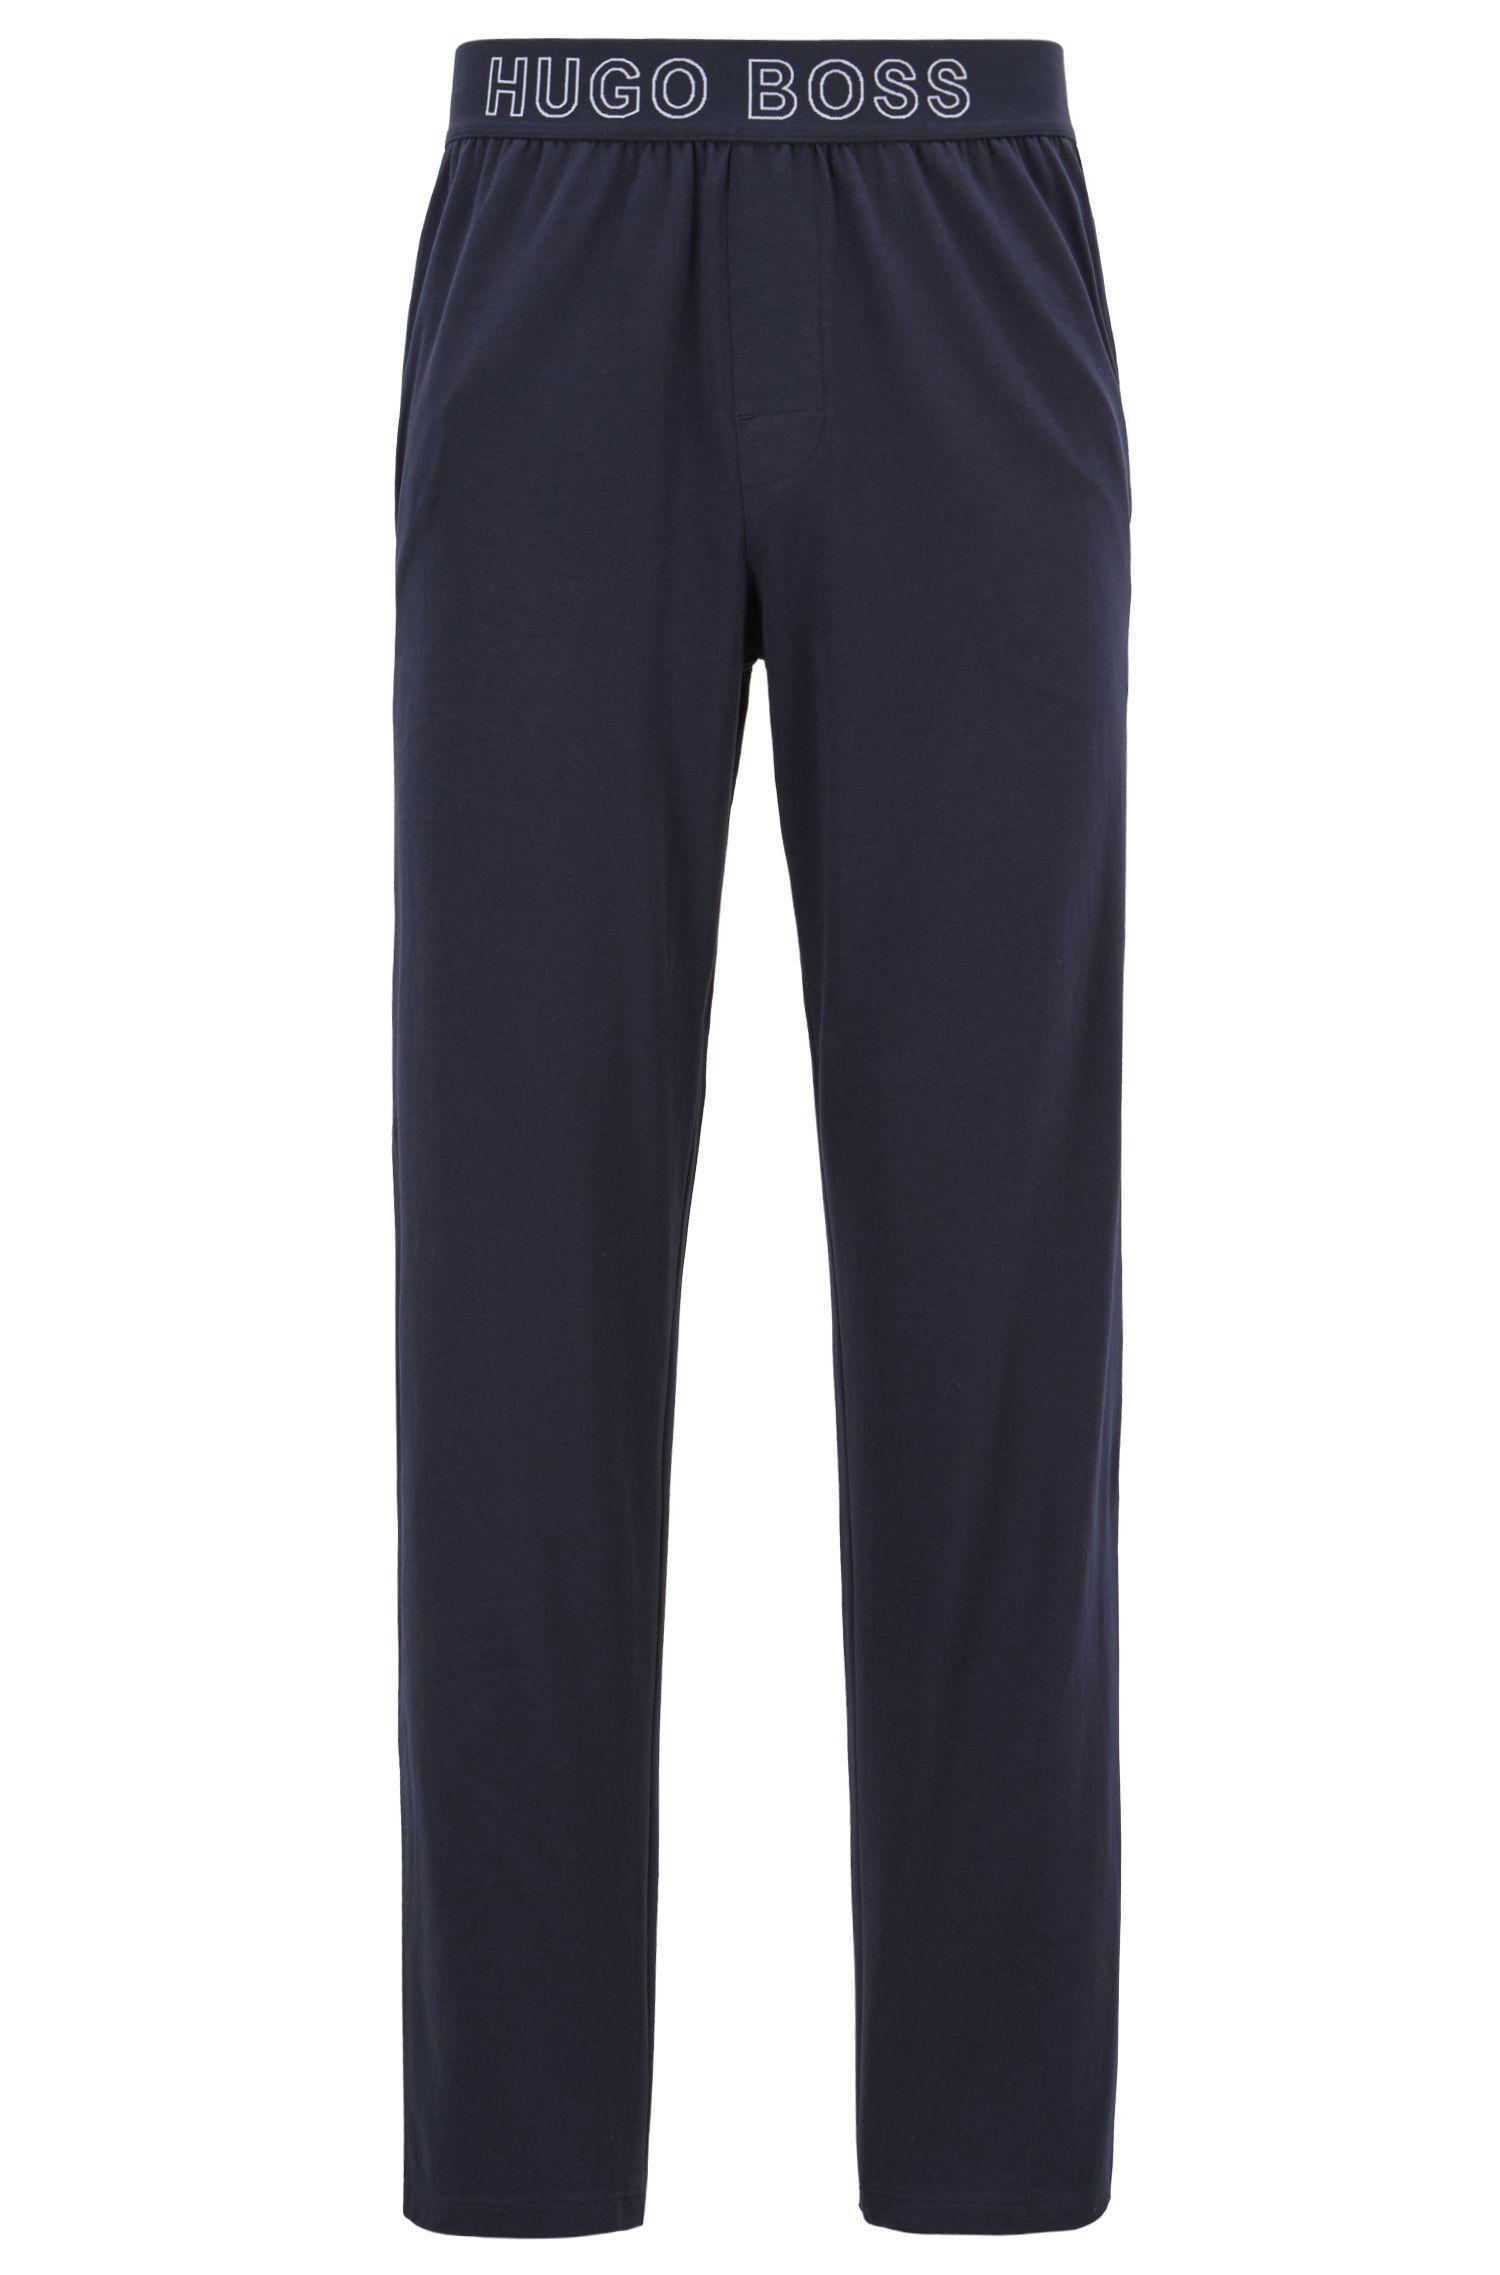 Jersey pyjamabroek met logo-jacquard tailleband, Donkerblauw